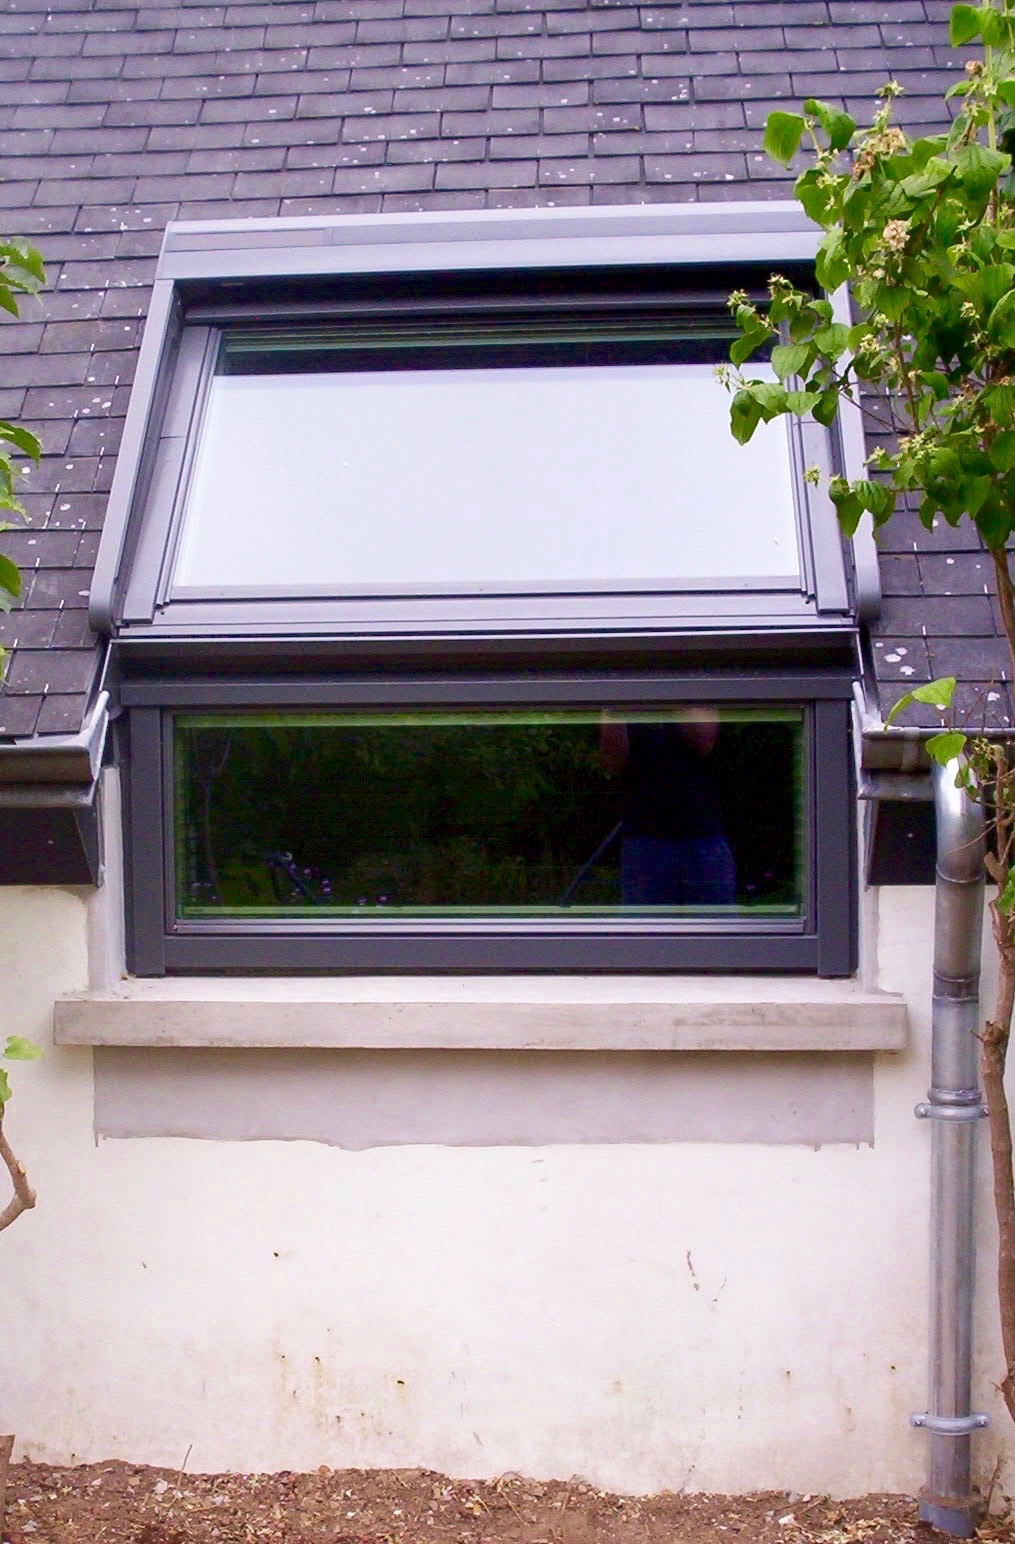 prix velux tout confort 78x98 velux 78x98 fen tre de toit rotation manuelle ggl tout confort. Black Bedroom Furniture Sets. Home Design Ideas